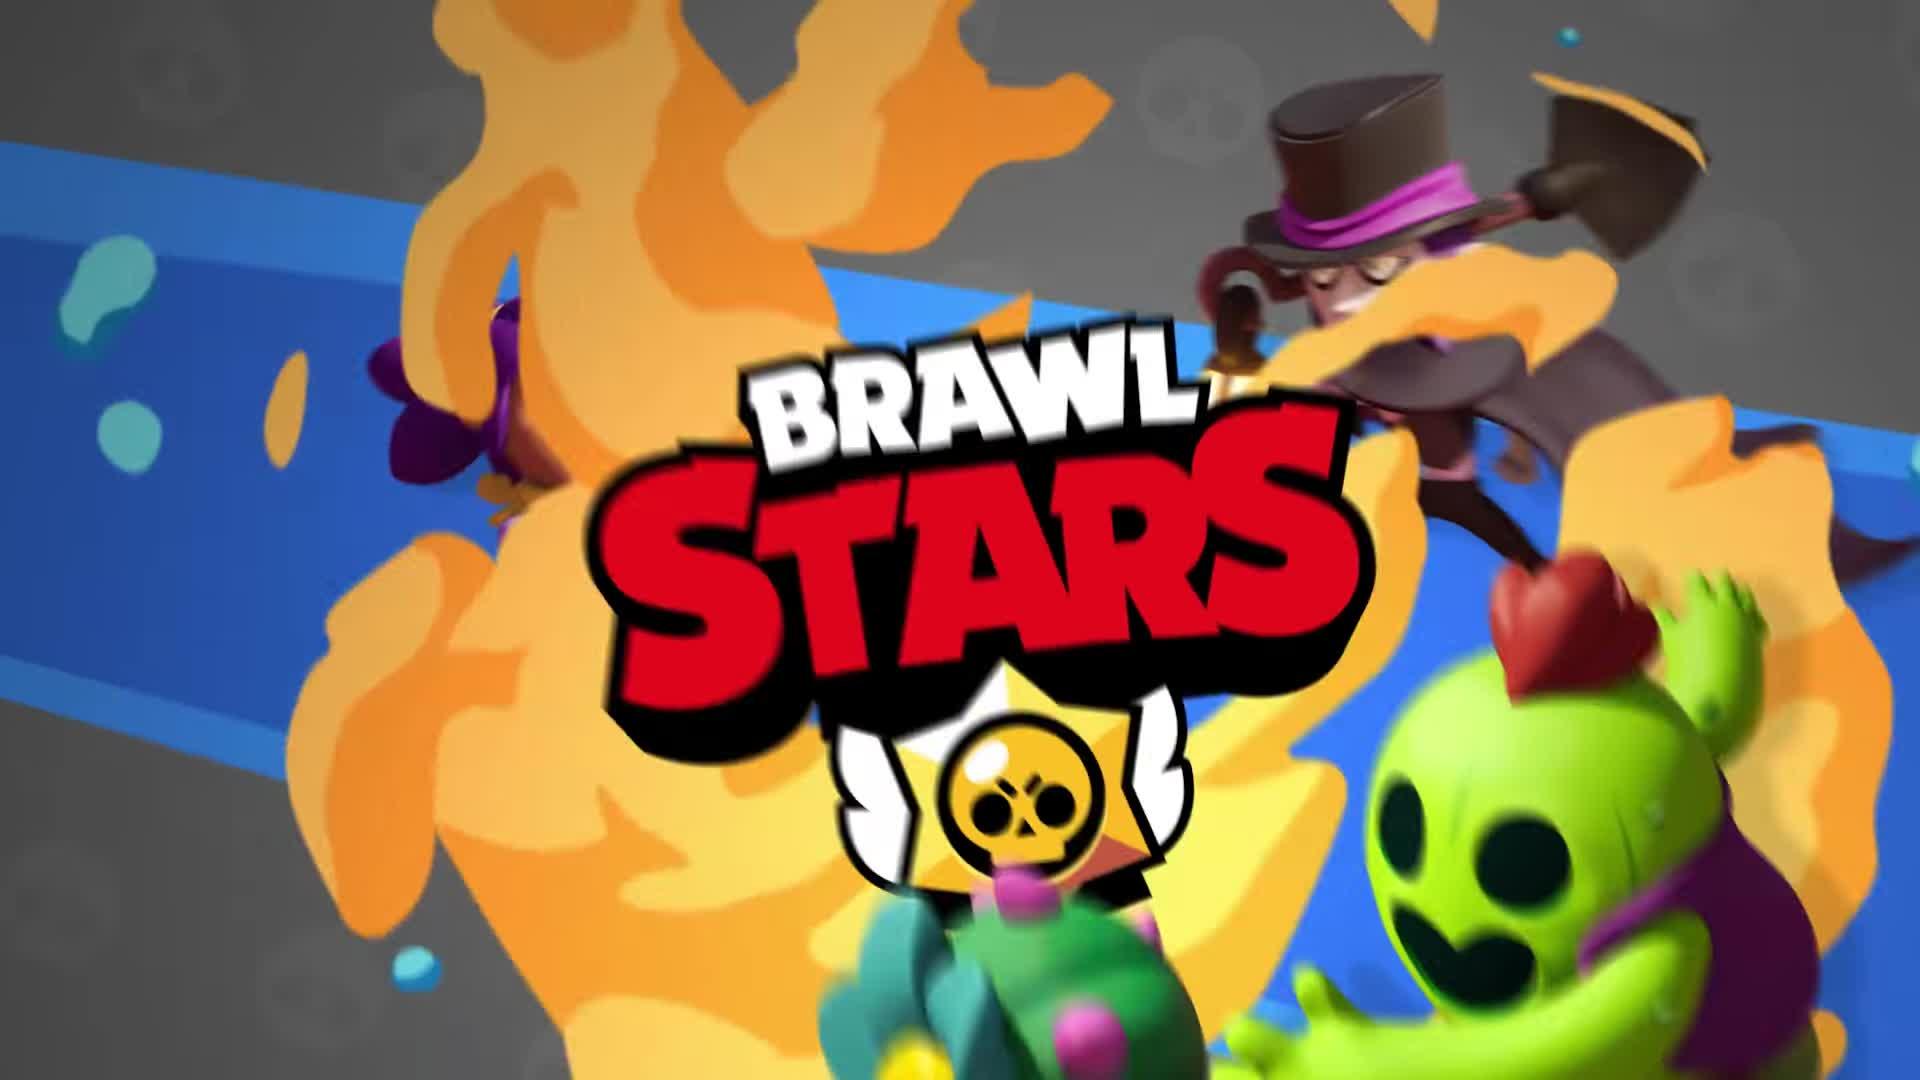 Brawl Stars Pre Register Now Gif By Rocco Supreme Roccosupreme